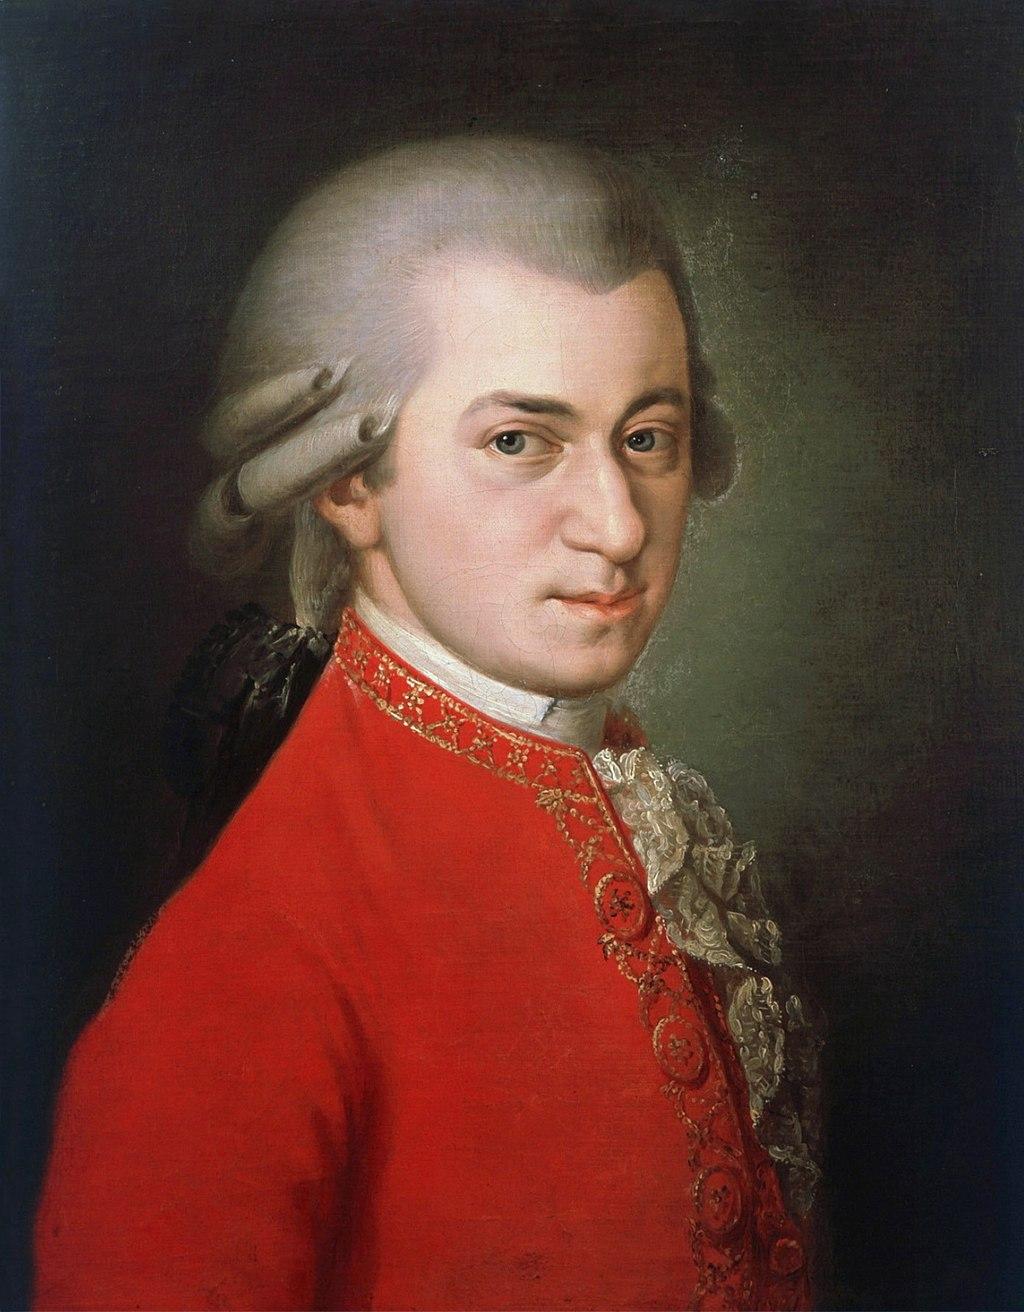 """Pathys Stehplatz (1): Ein Brief an Mozart: """"Da hättest schön geschaut!"""""""